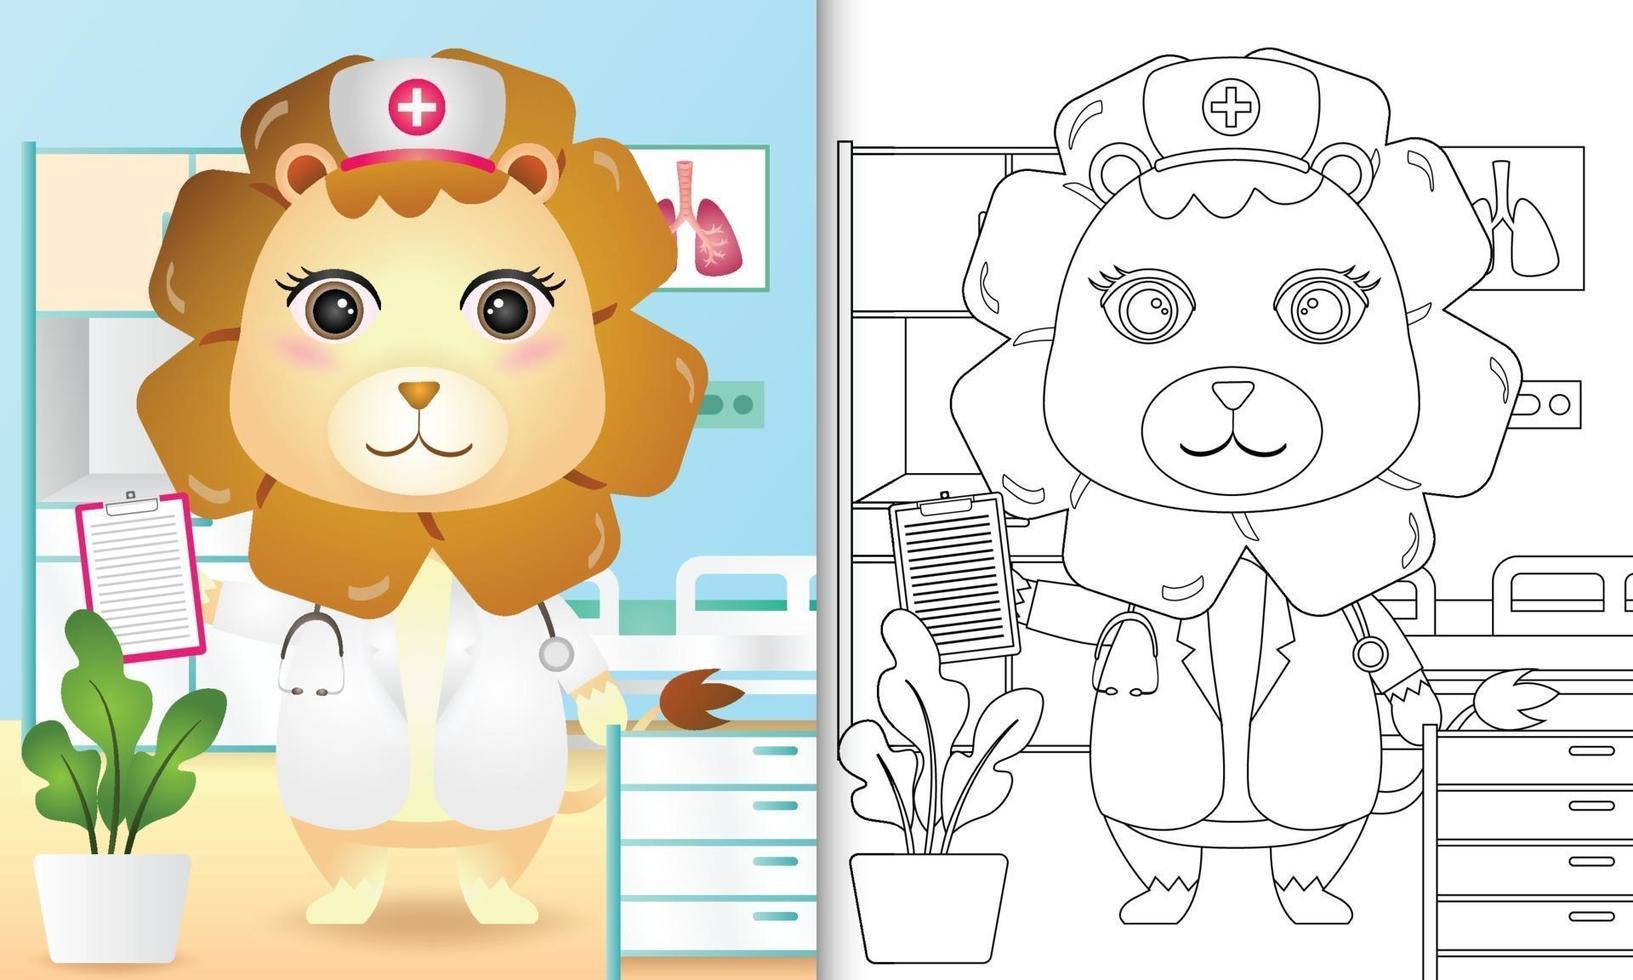 Malbuch für Kinder mit einer niedlichen Löwenschwestercharakterillustration vektor